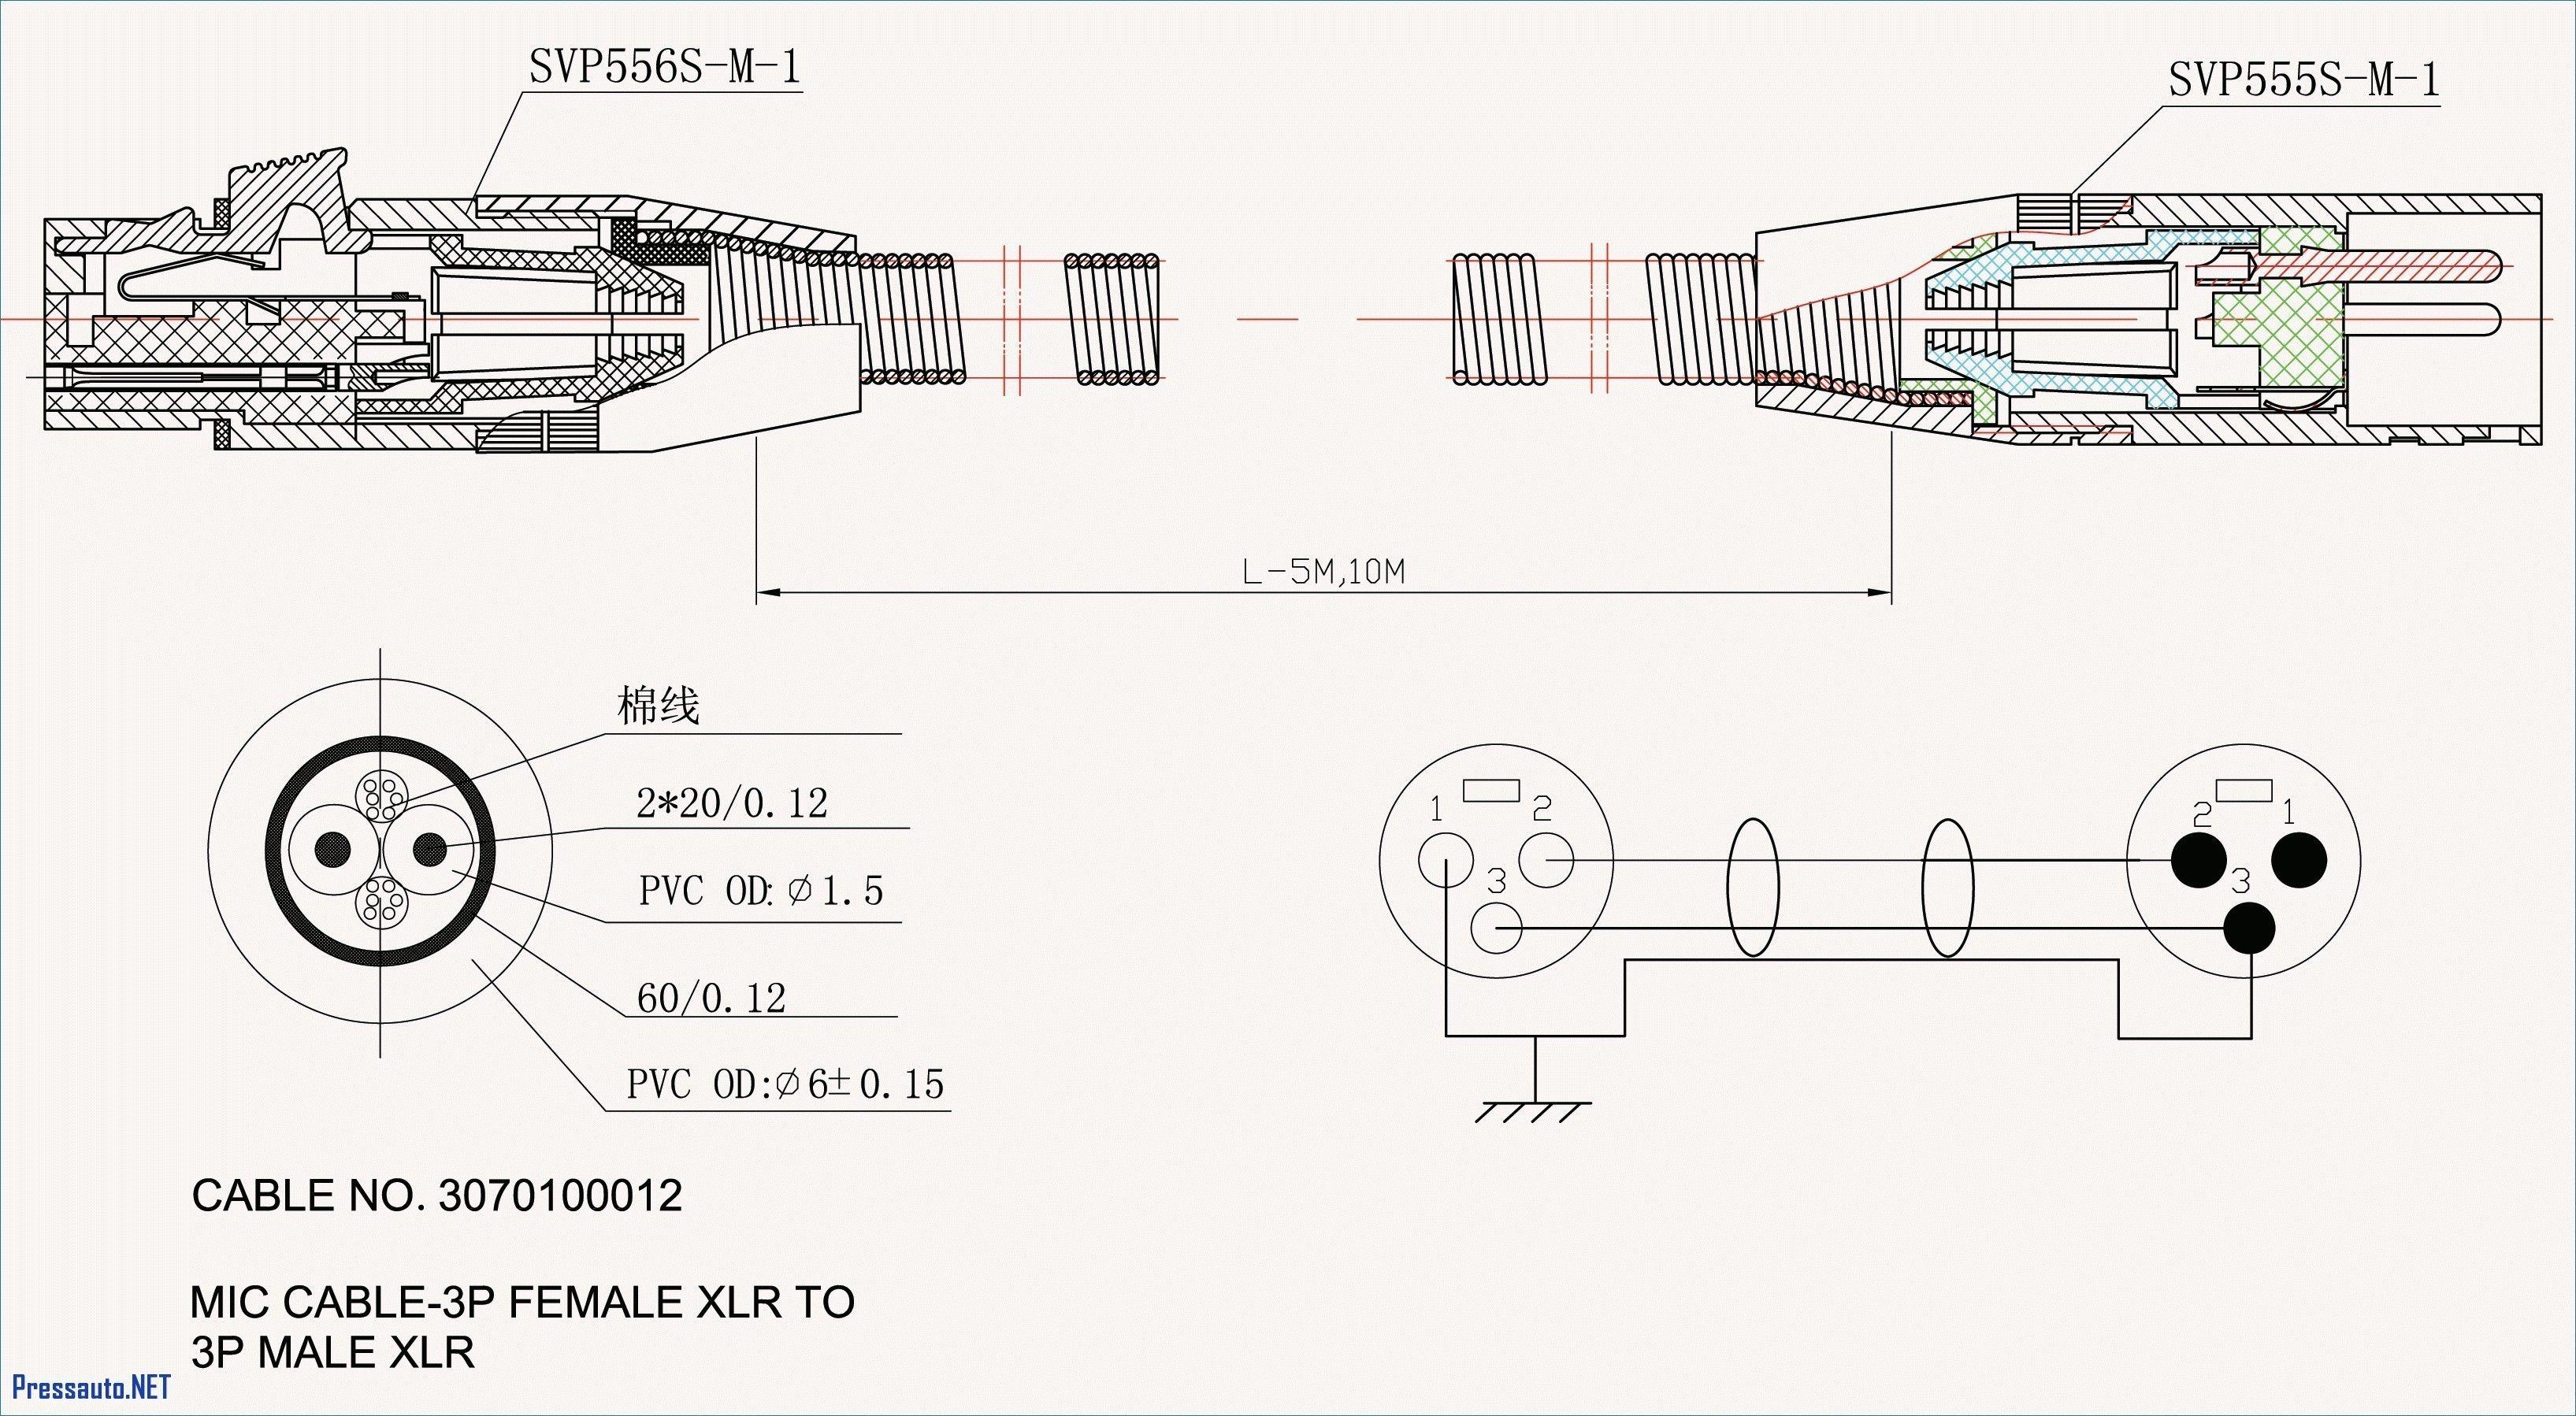 Whole House Fan Wiring Diagram In 2020 House Fan Whole House Fan House